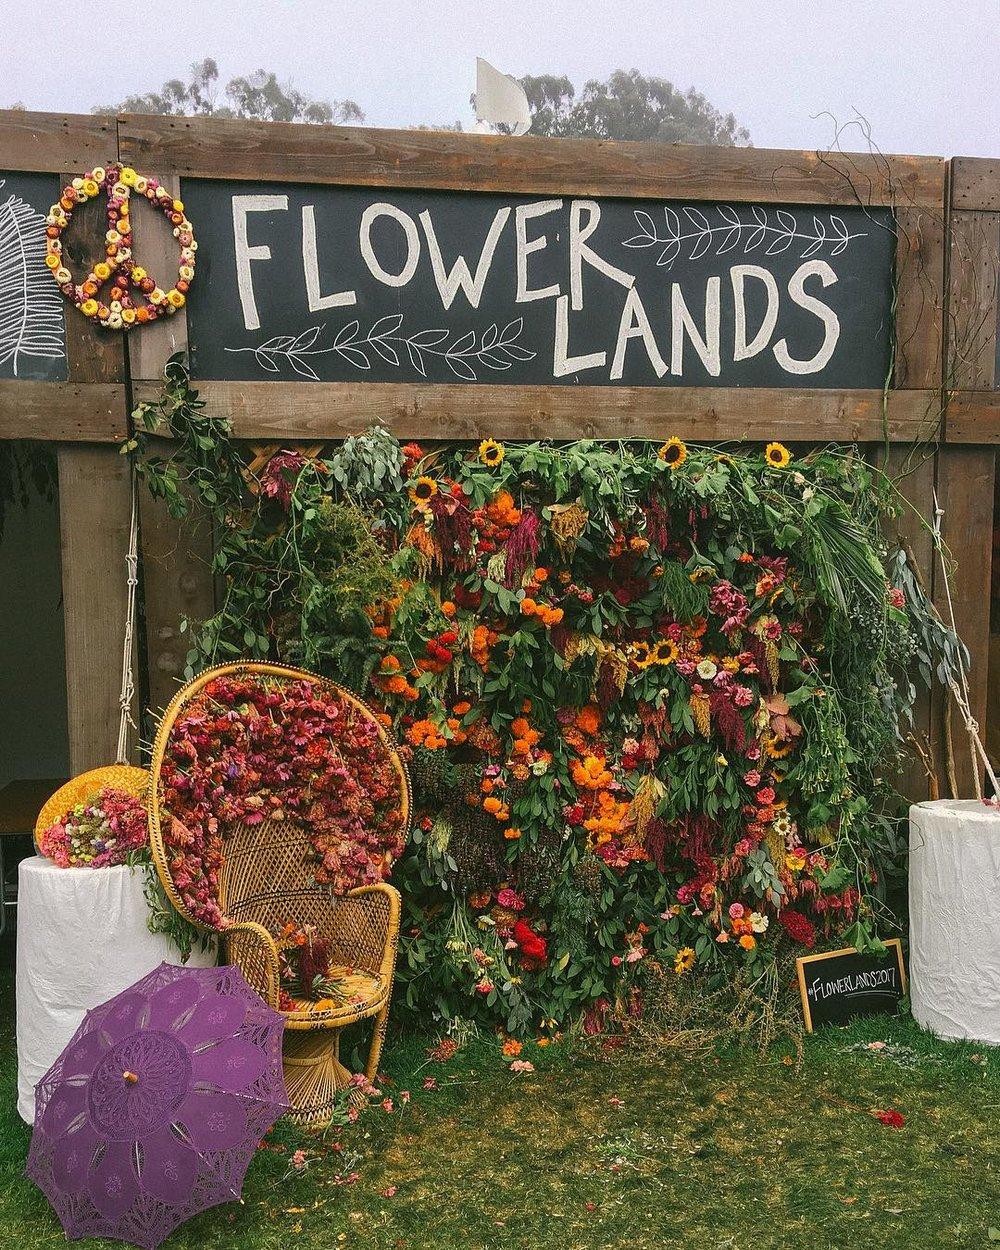 flower lands outside lands